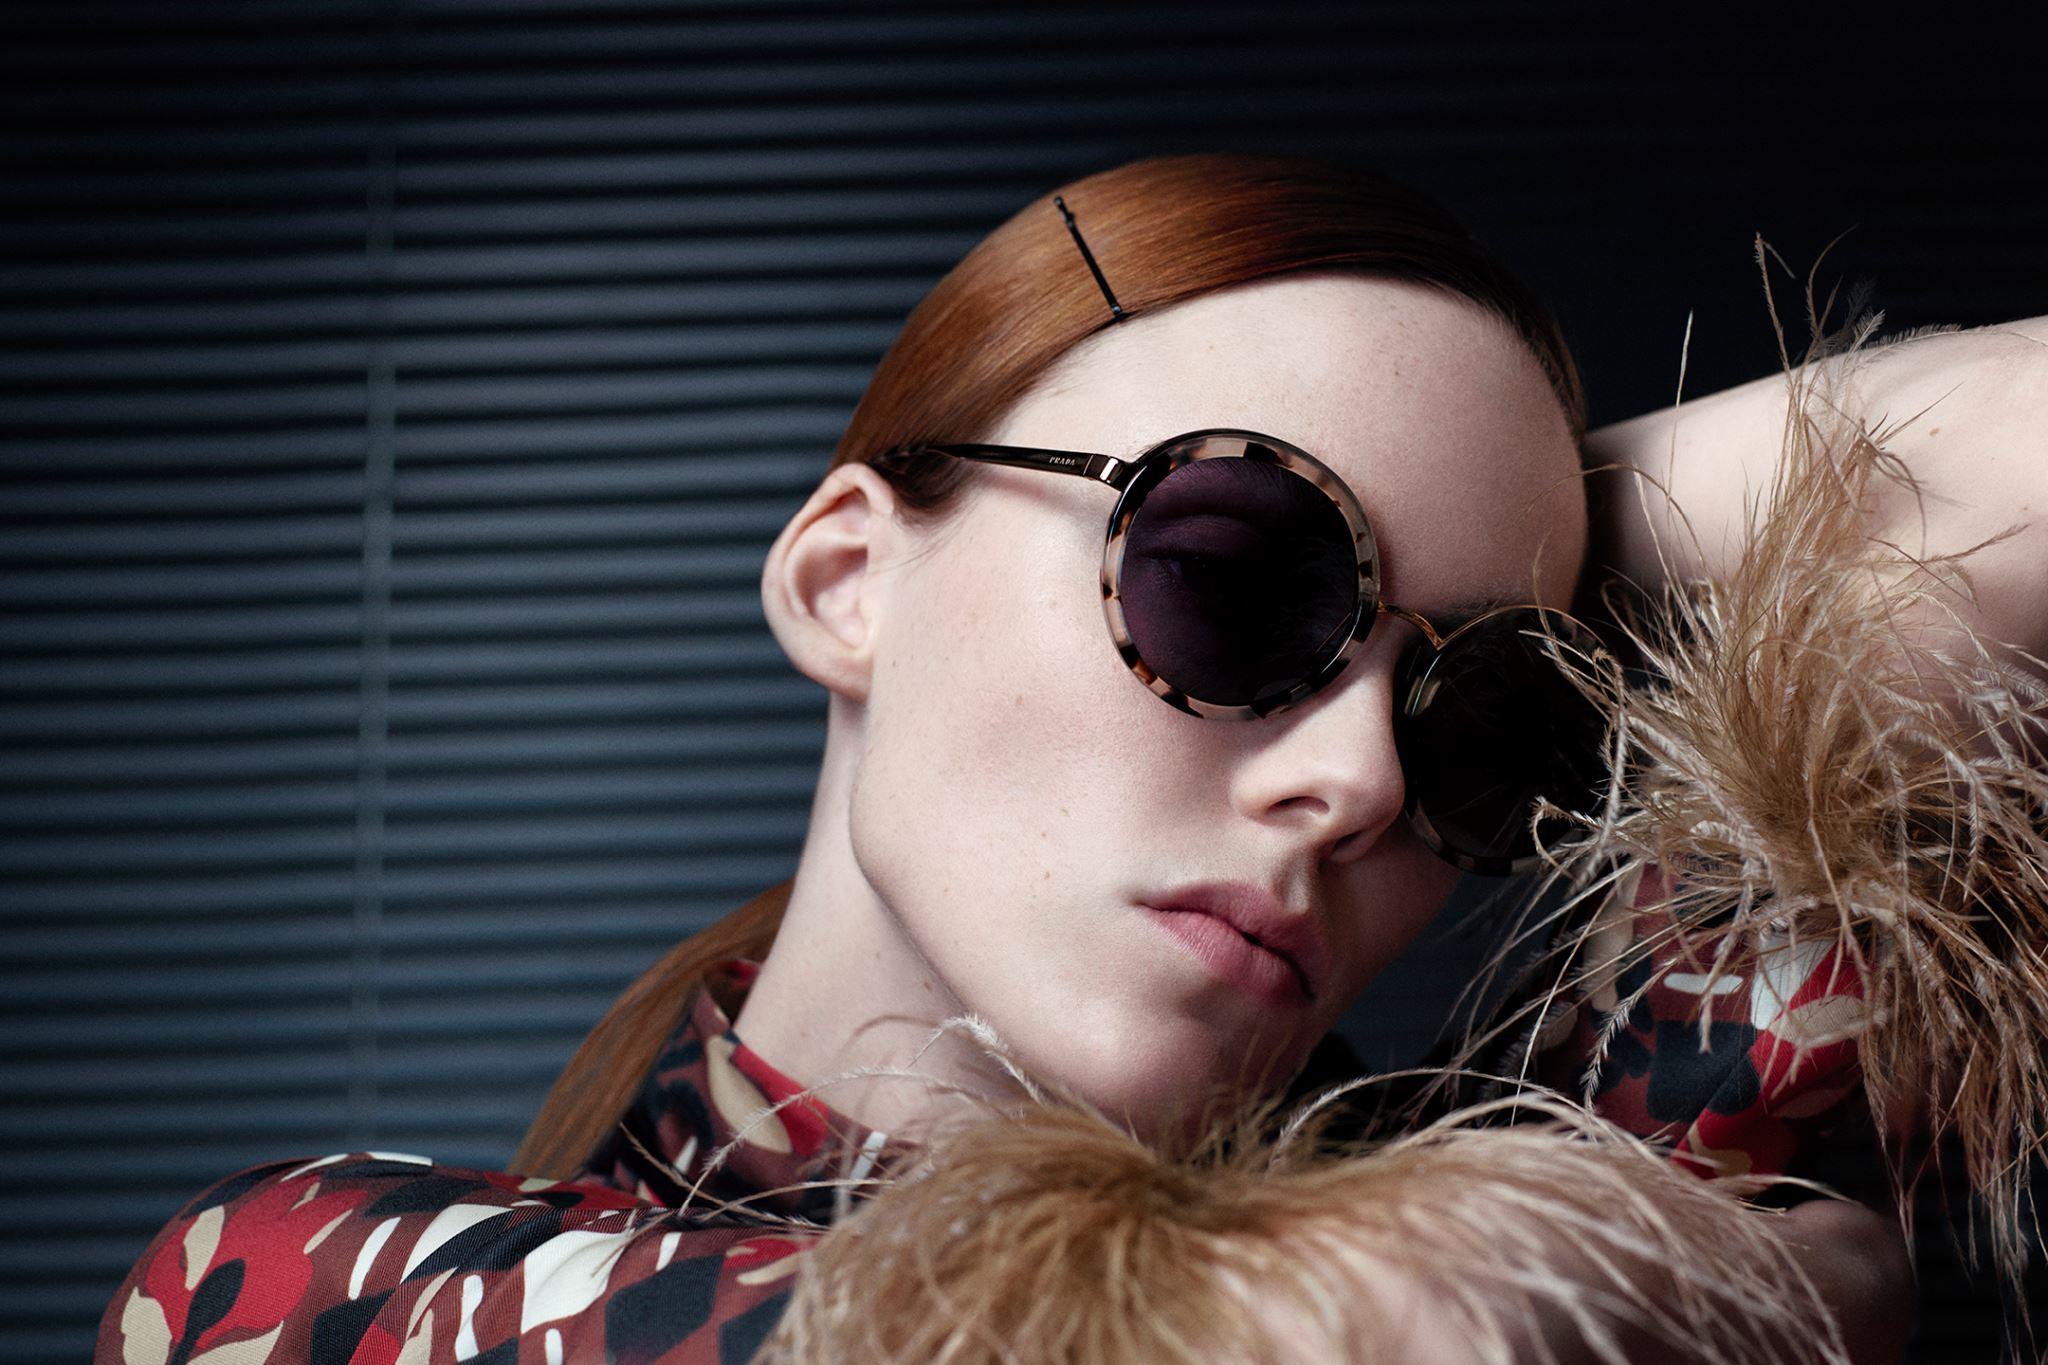 Bloggerek inspirálták a Prada új szemüvegkampányát - szemuveg-2, minden-mas, kiegeszitok-2 -